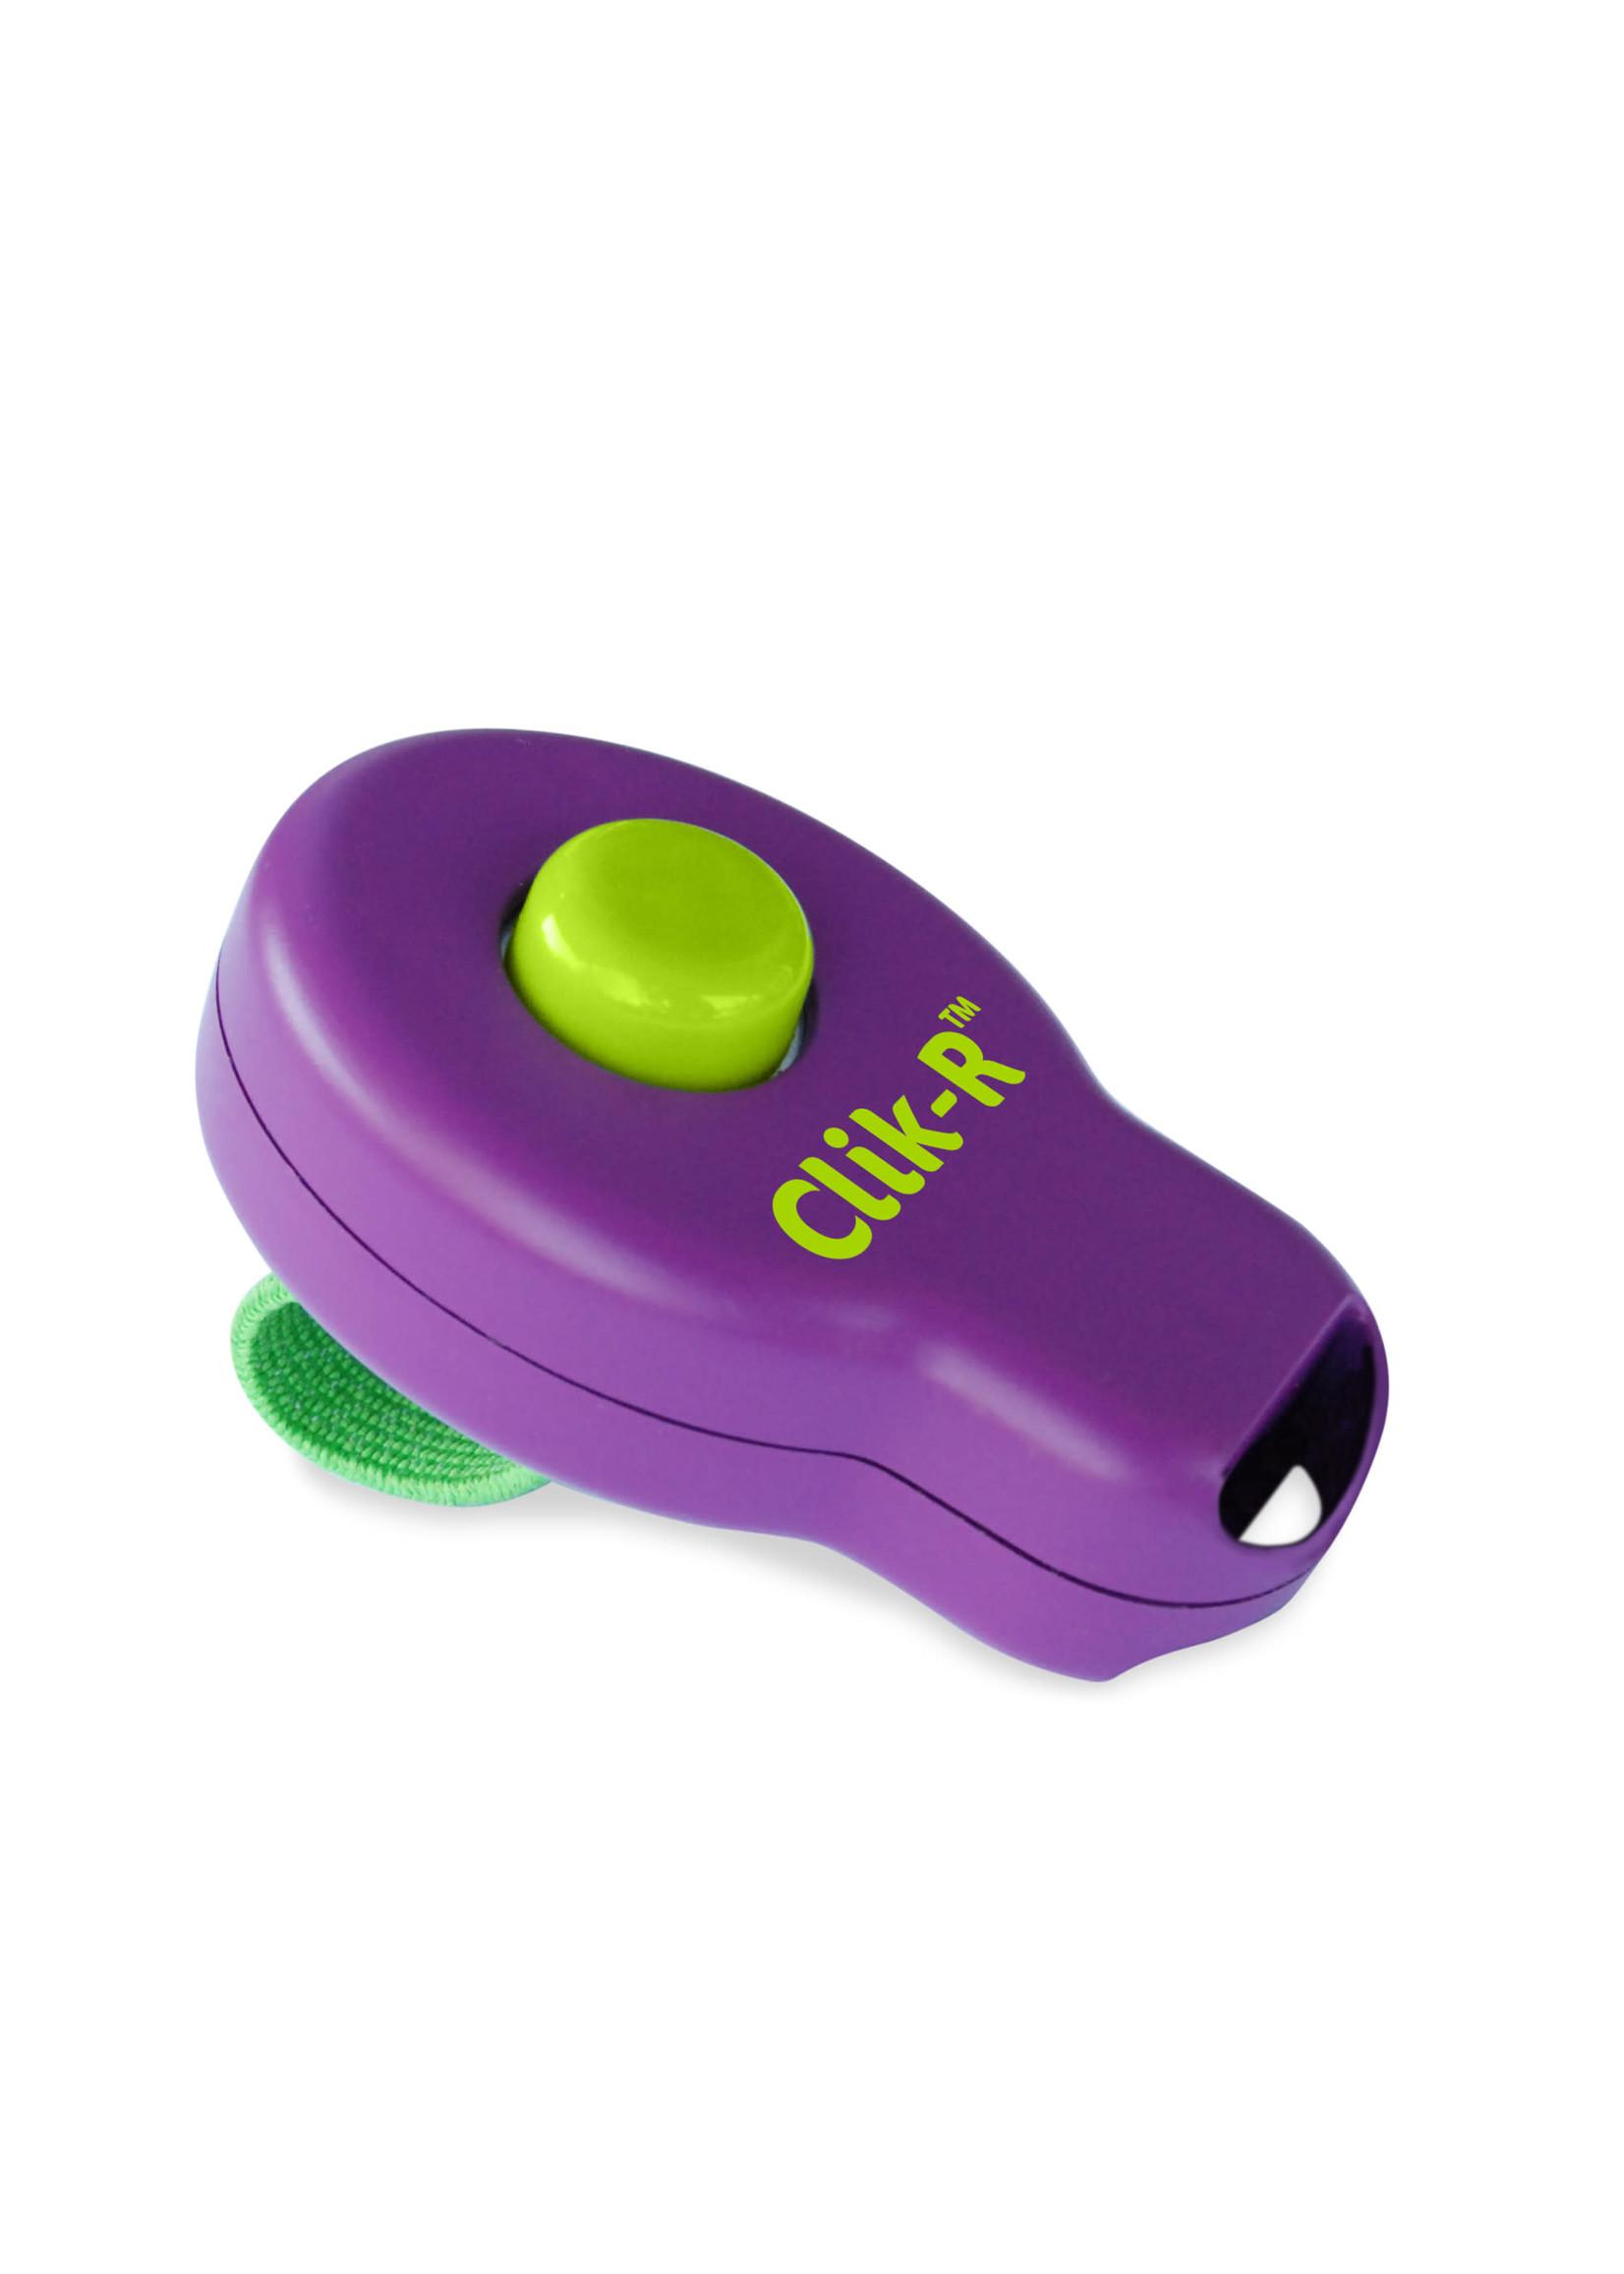 PetSafe PetSafe Clicker